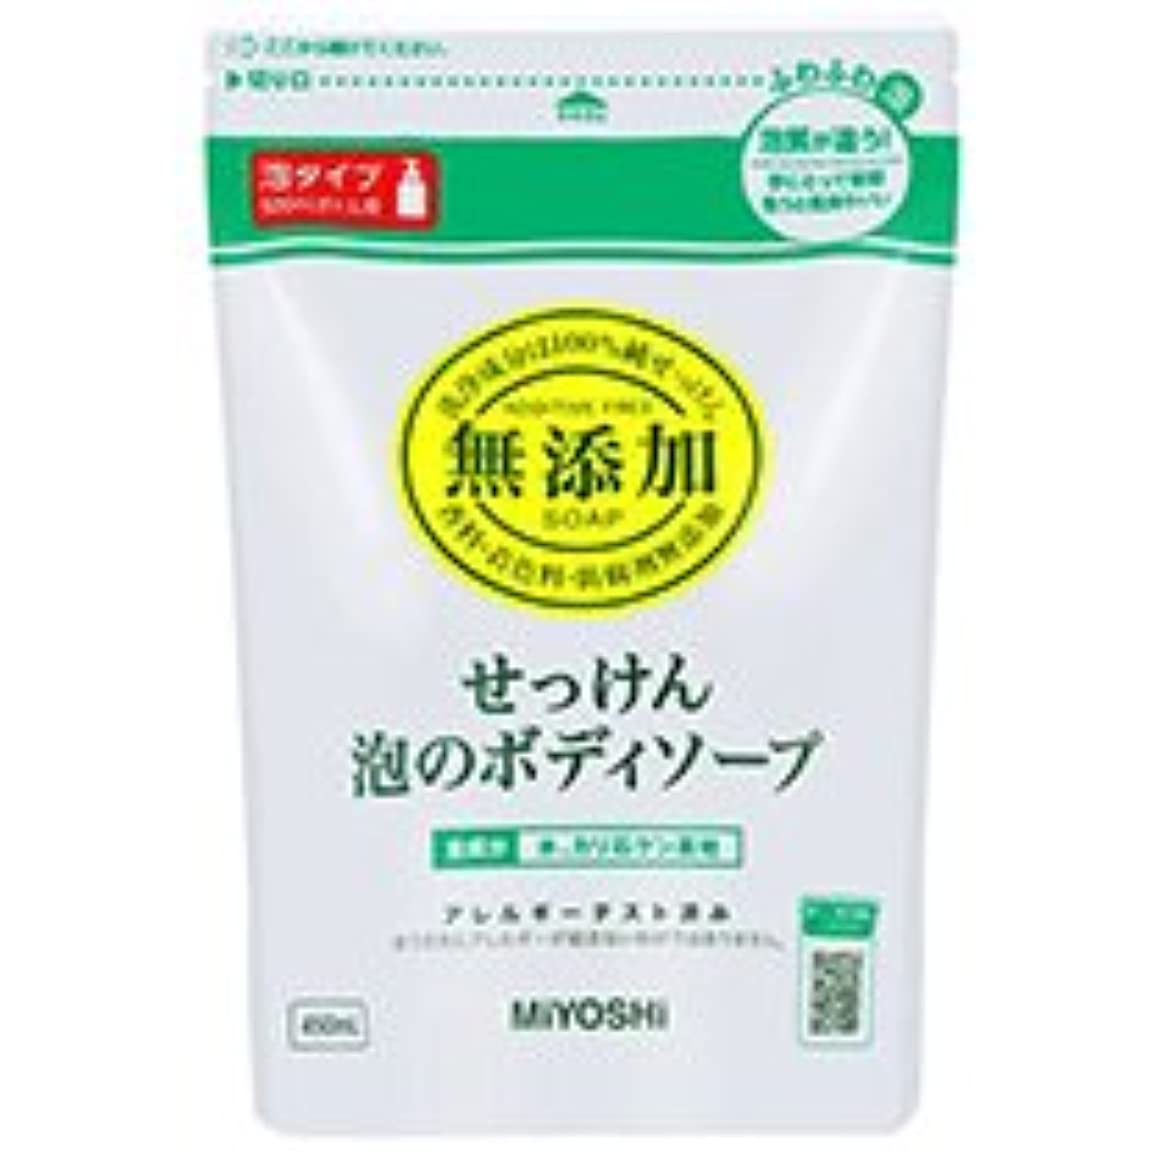 強調するブランクソファーミヨシ石鹸 無添加せっけん 泡のボディソープ 詰替用 450ml 1個